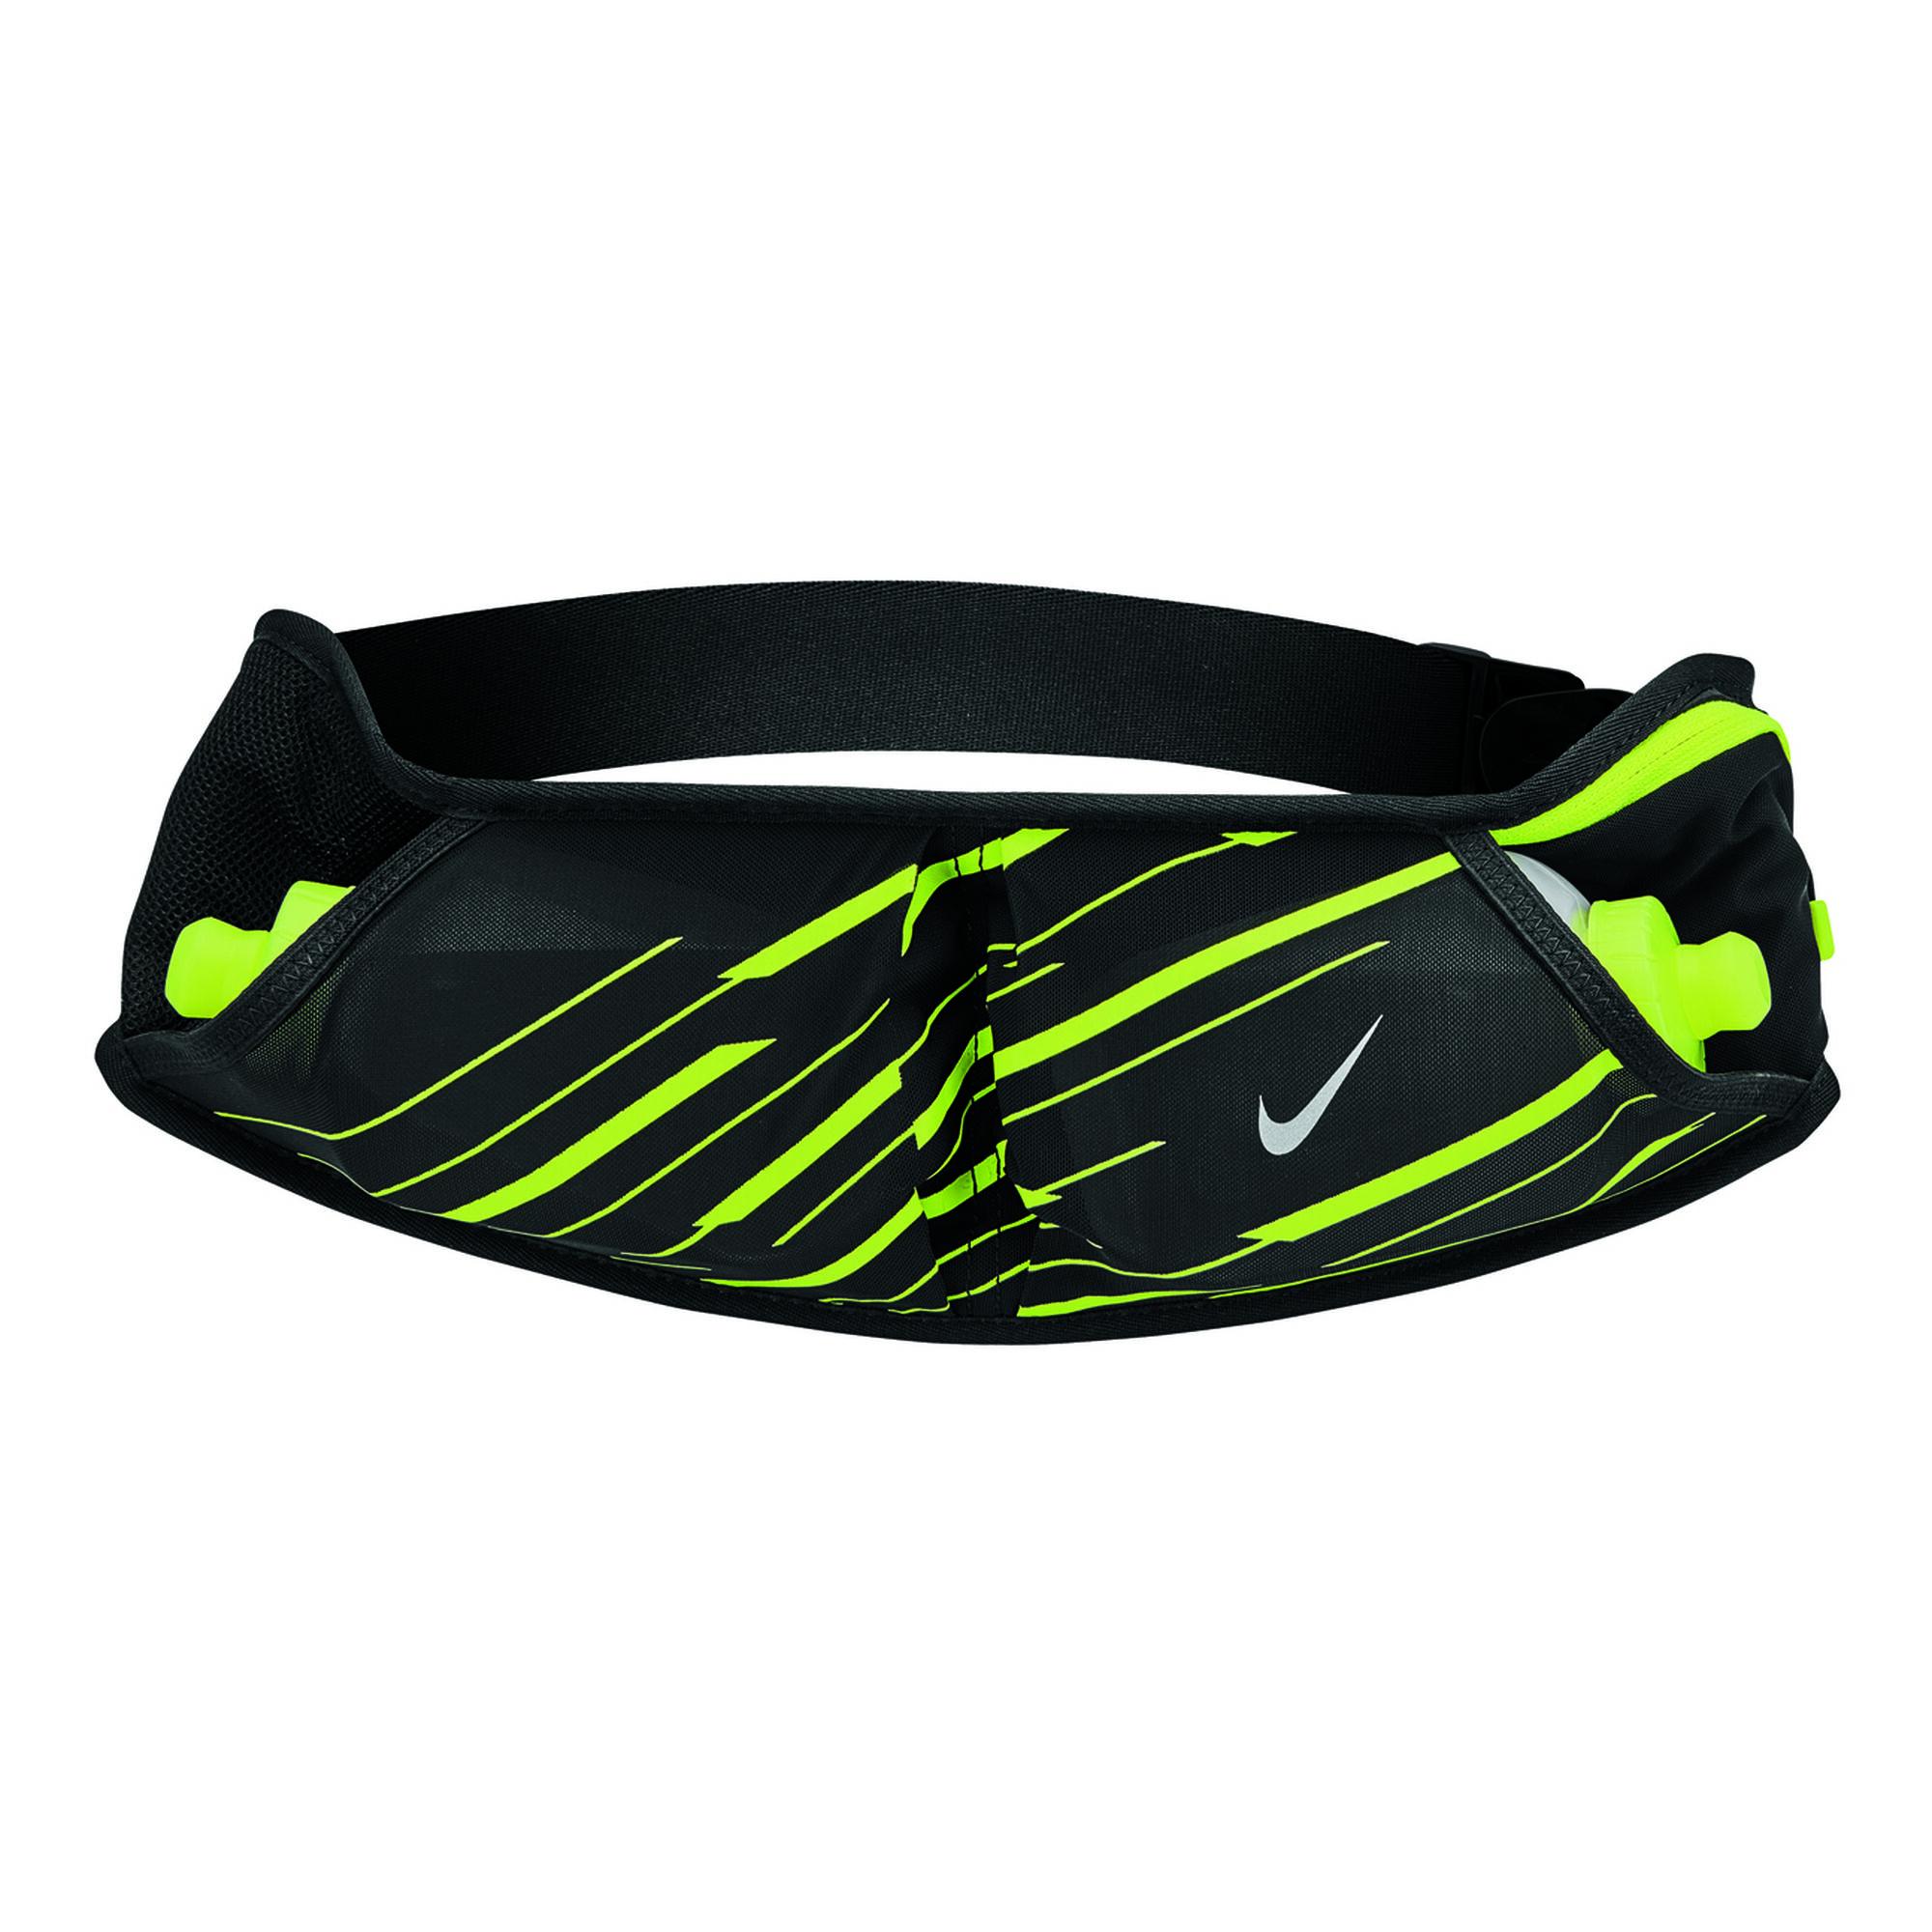 961c107f1de buy Nike Drink Belt - Black, Neon Yellow online | Jogging-Point